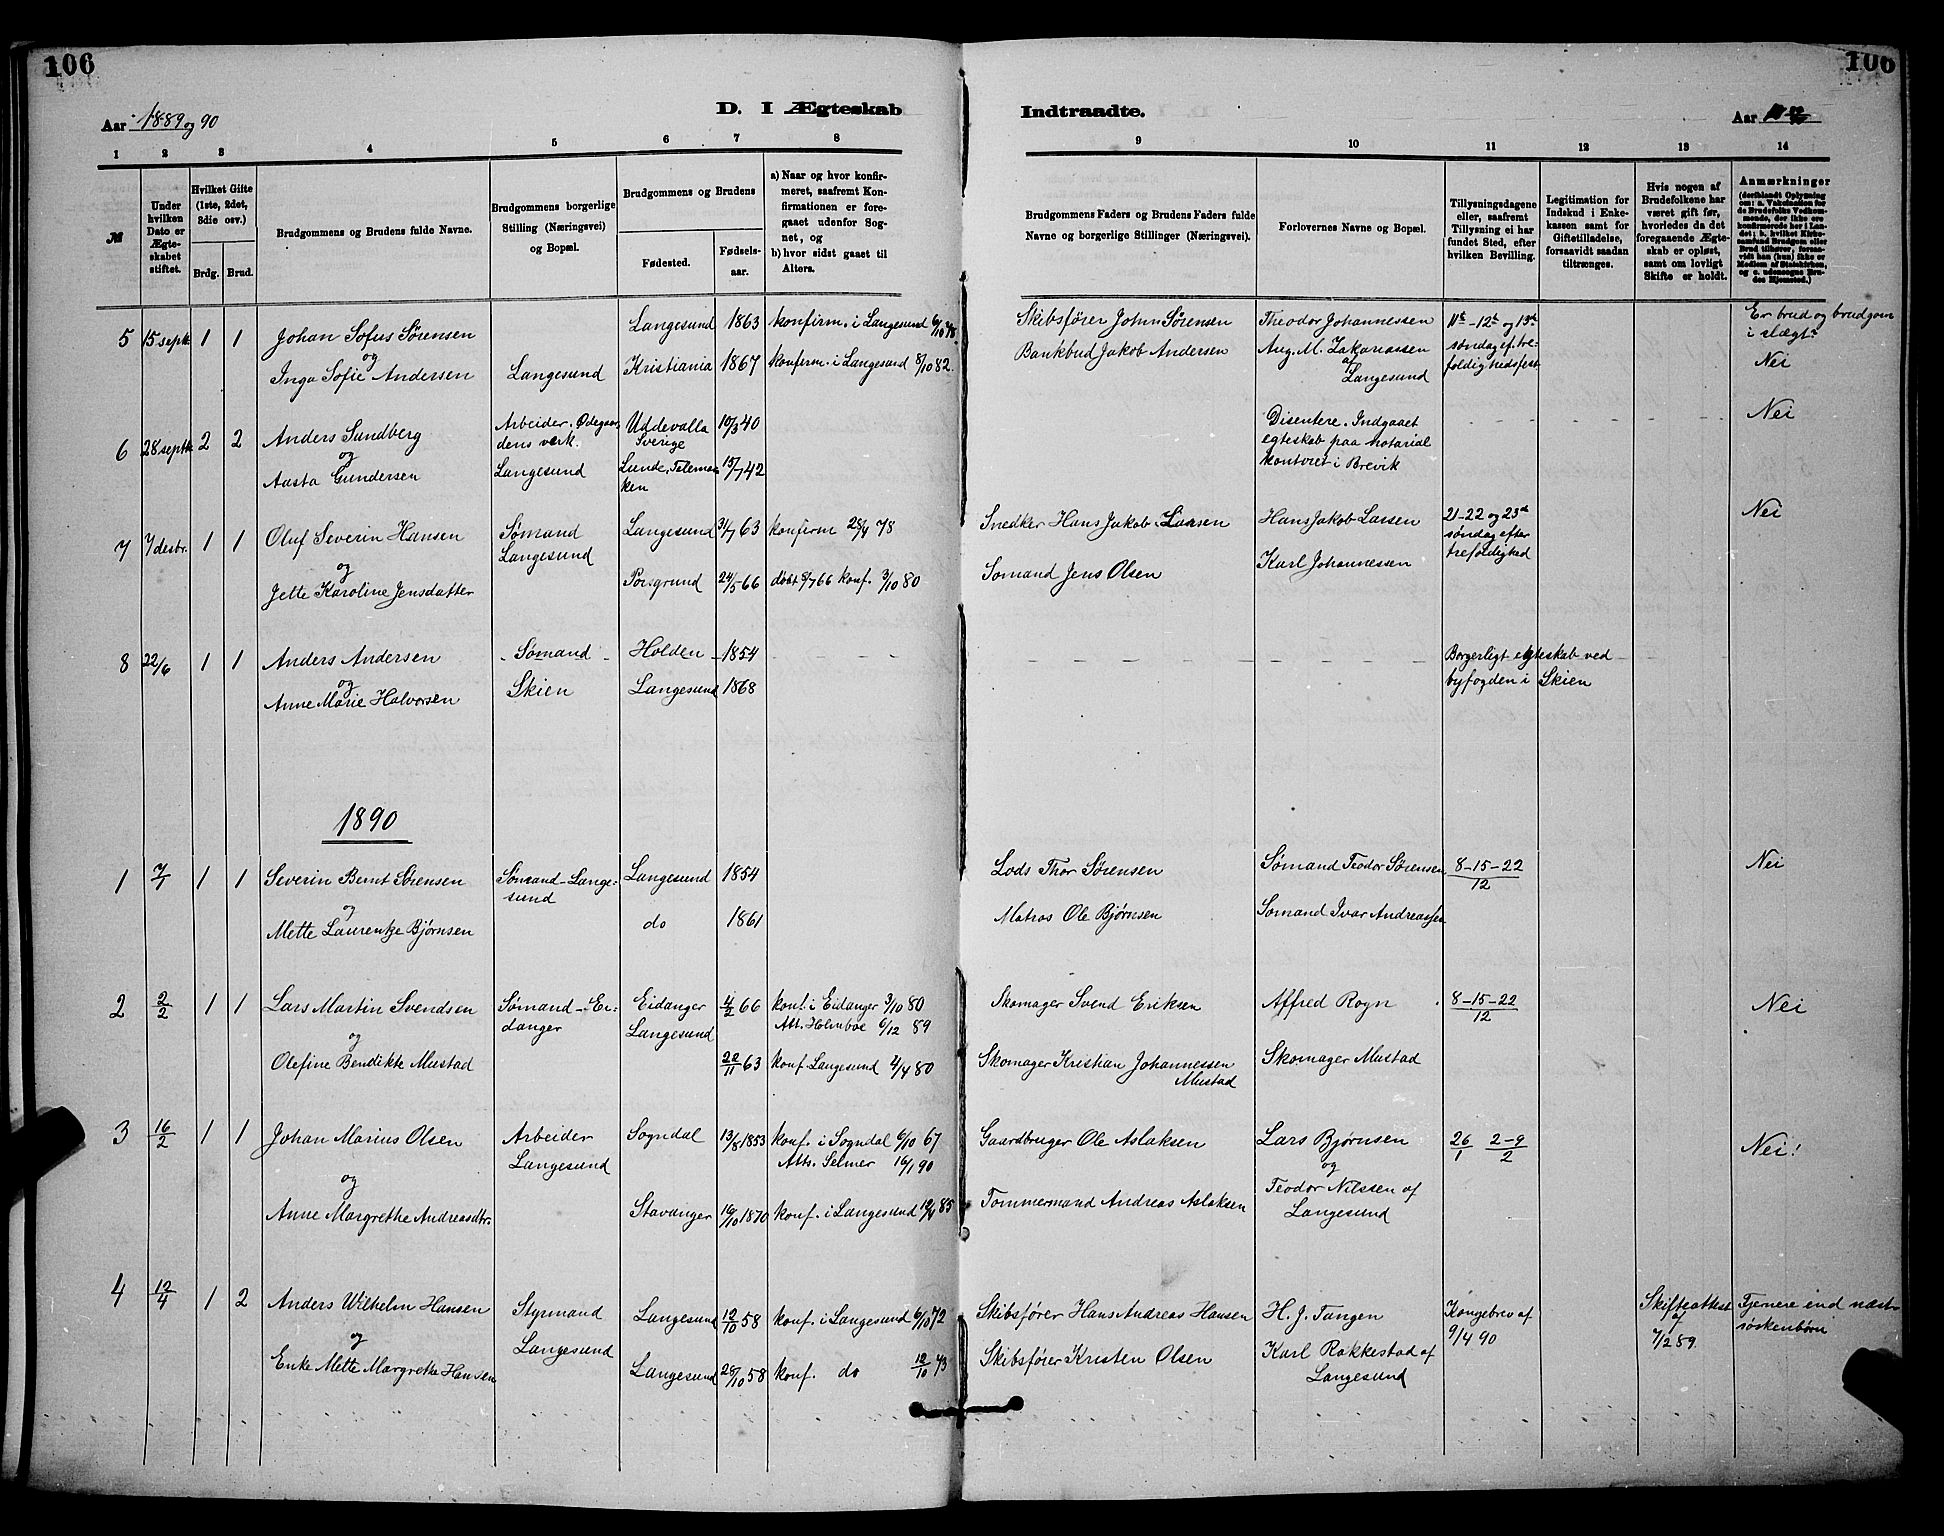 SAKO, Langesund kirkebøker, G/Ga/L0005: Klokkerbok nr. 5, 1884-1898, s. 106